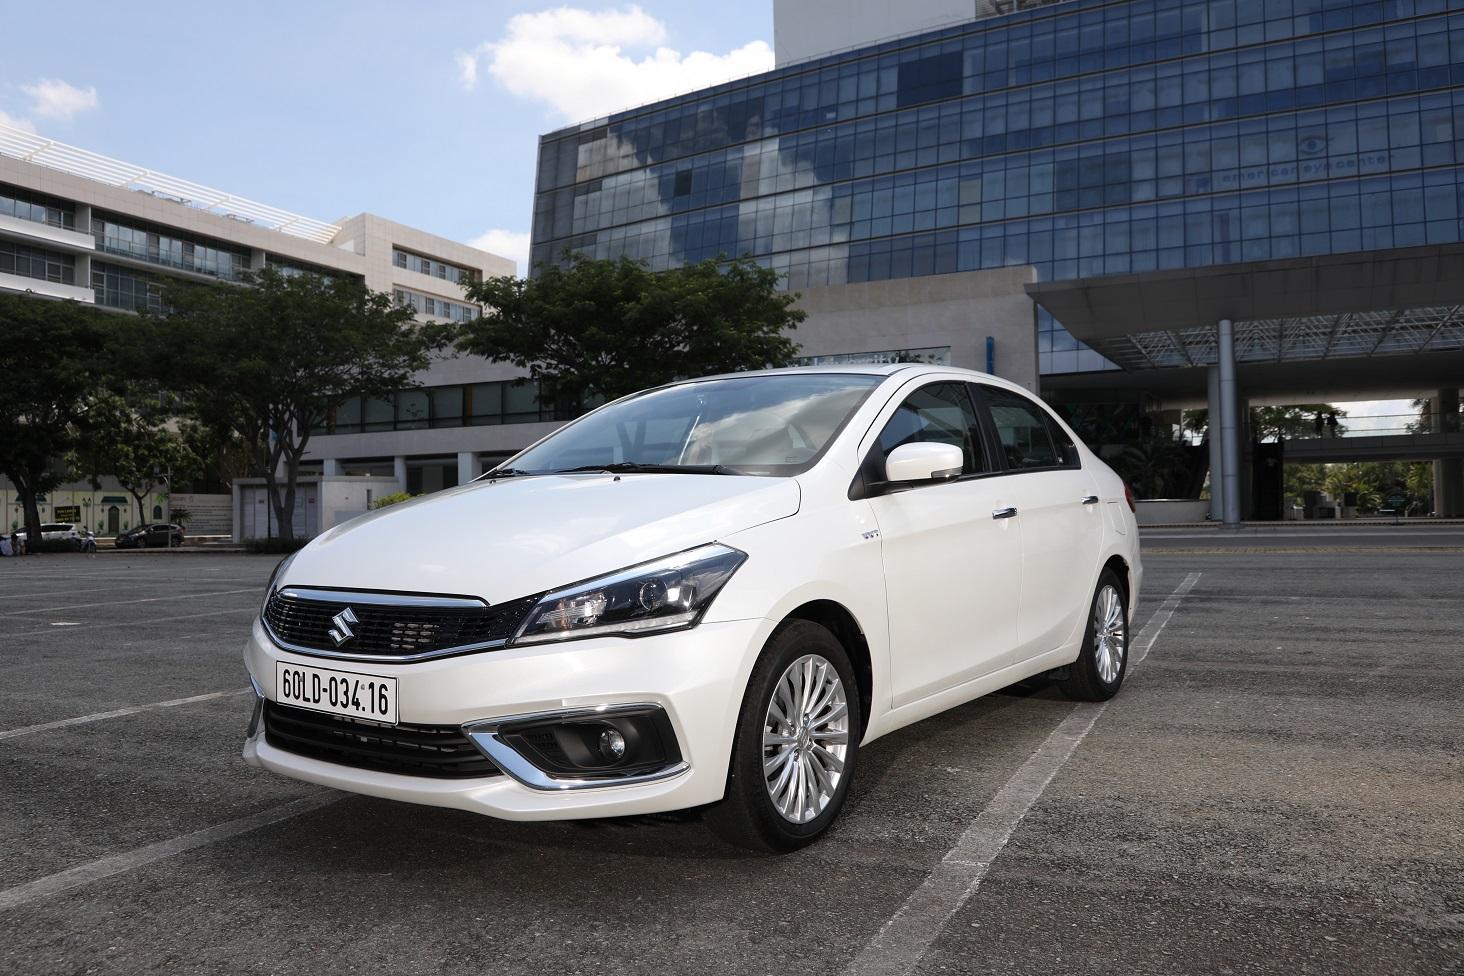 Suzuki Ciaz mới –  Lựa chọn sáng suốt với chi phí đầu tư hợp lý ciaz-moi-so-huu-khoang-noi-that-rong-bac-nhat-trong-phan-khuc-hang-b-va-so-huu-hang-loat-tinh-nang-uu-viet.JPG